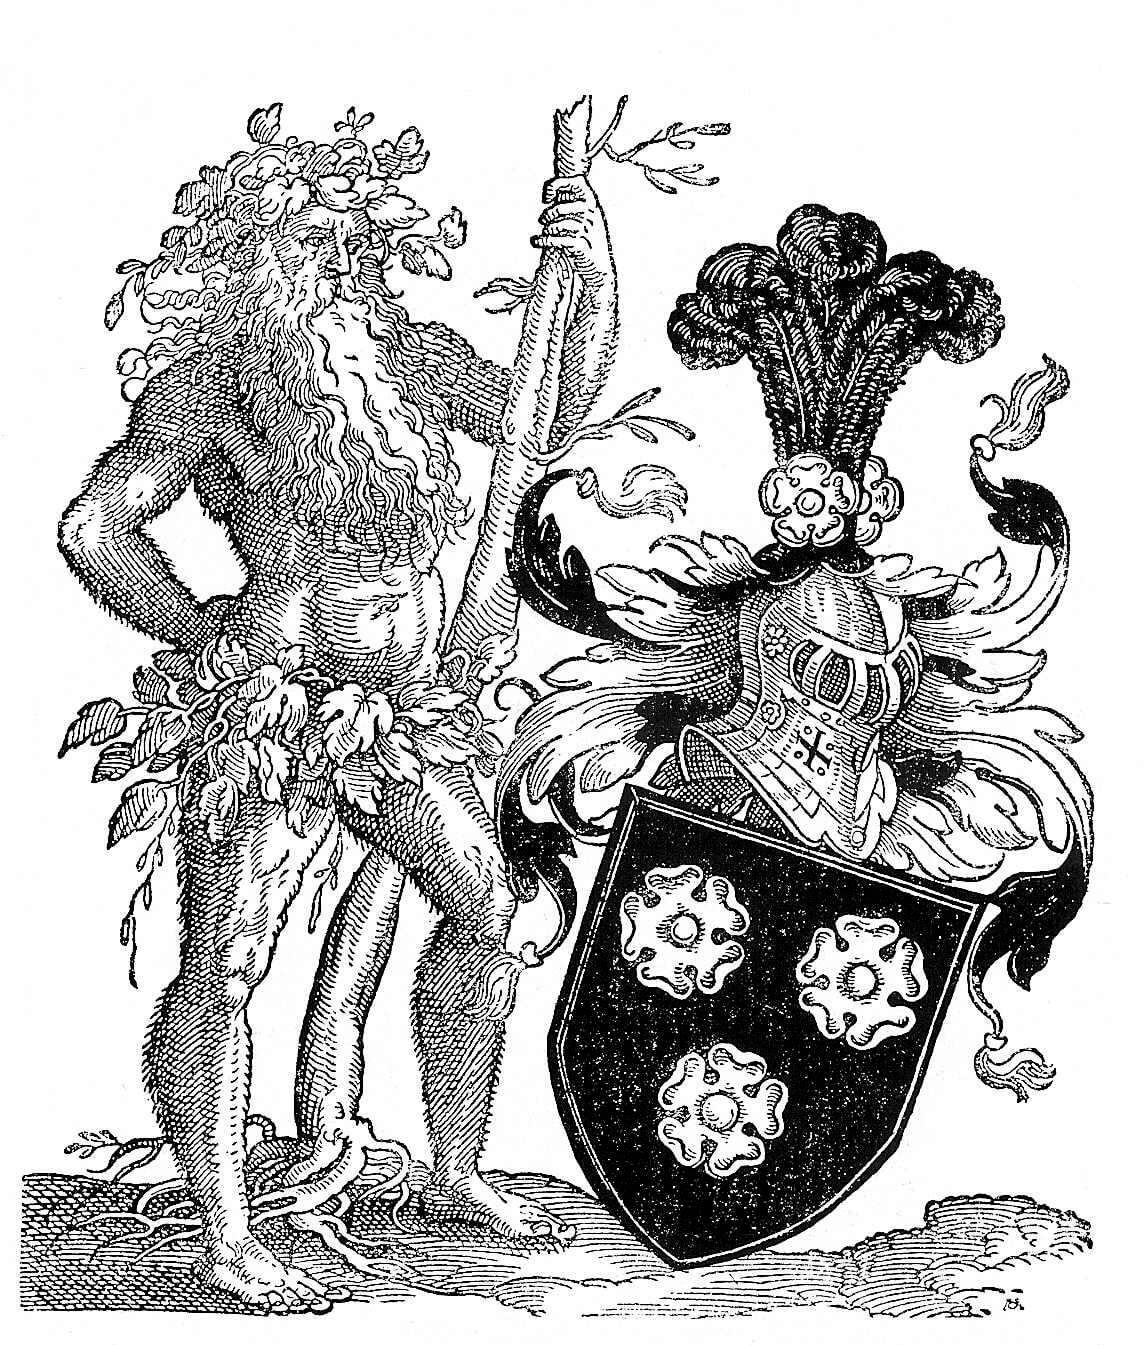 Czarno-biała rycina przedstawia nagiego brodatego mężczyznę, tzw. dzikiego człowieka, przepasanego liśćmi; obok postaci widać herb Holzhausen.